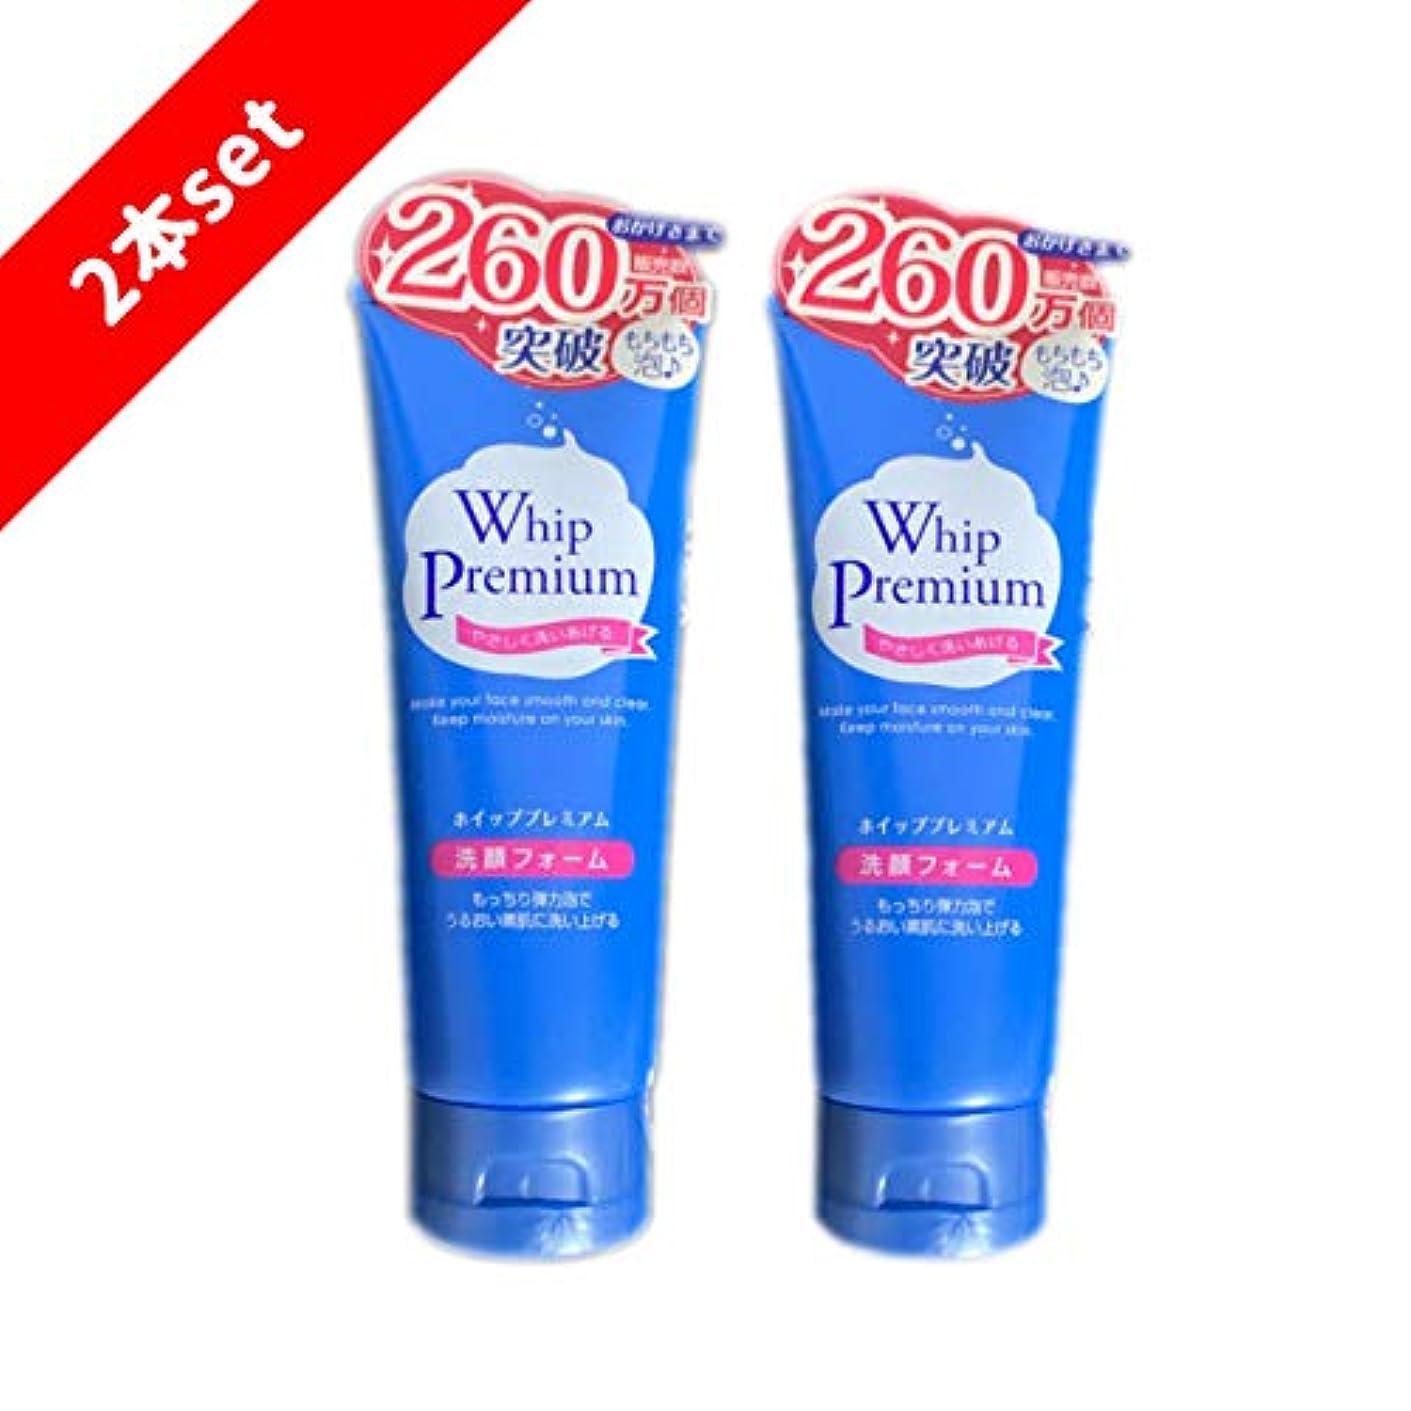 作り進捗クマノミホイッププレミマム 洗顔フォーム お得な2本セット(Whip Premium) 140g もちもち泡洗顔